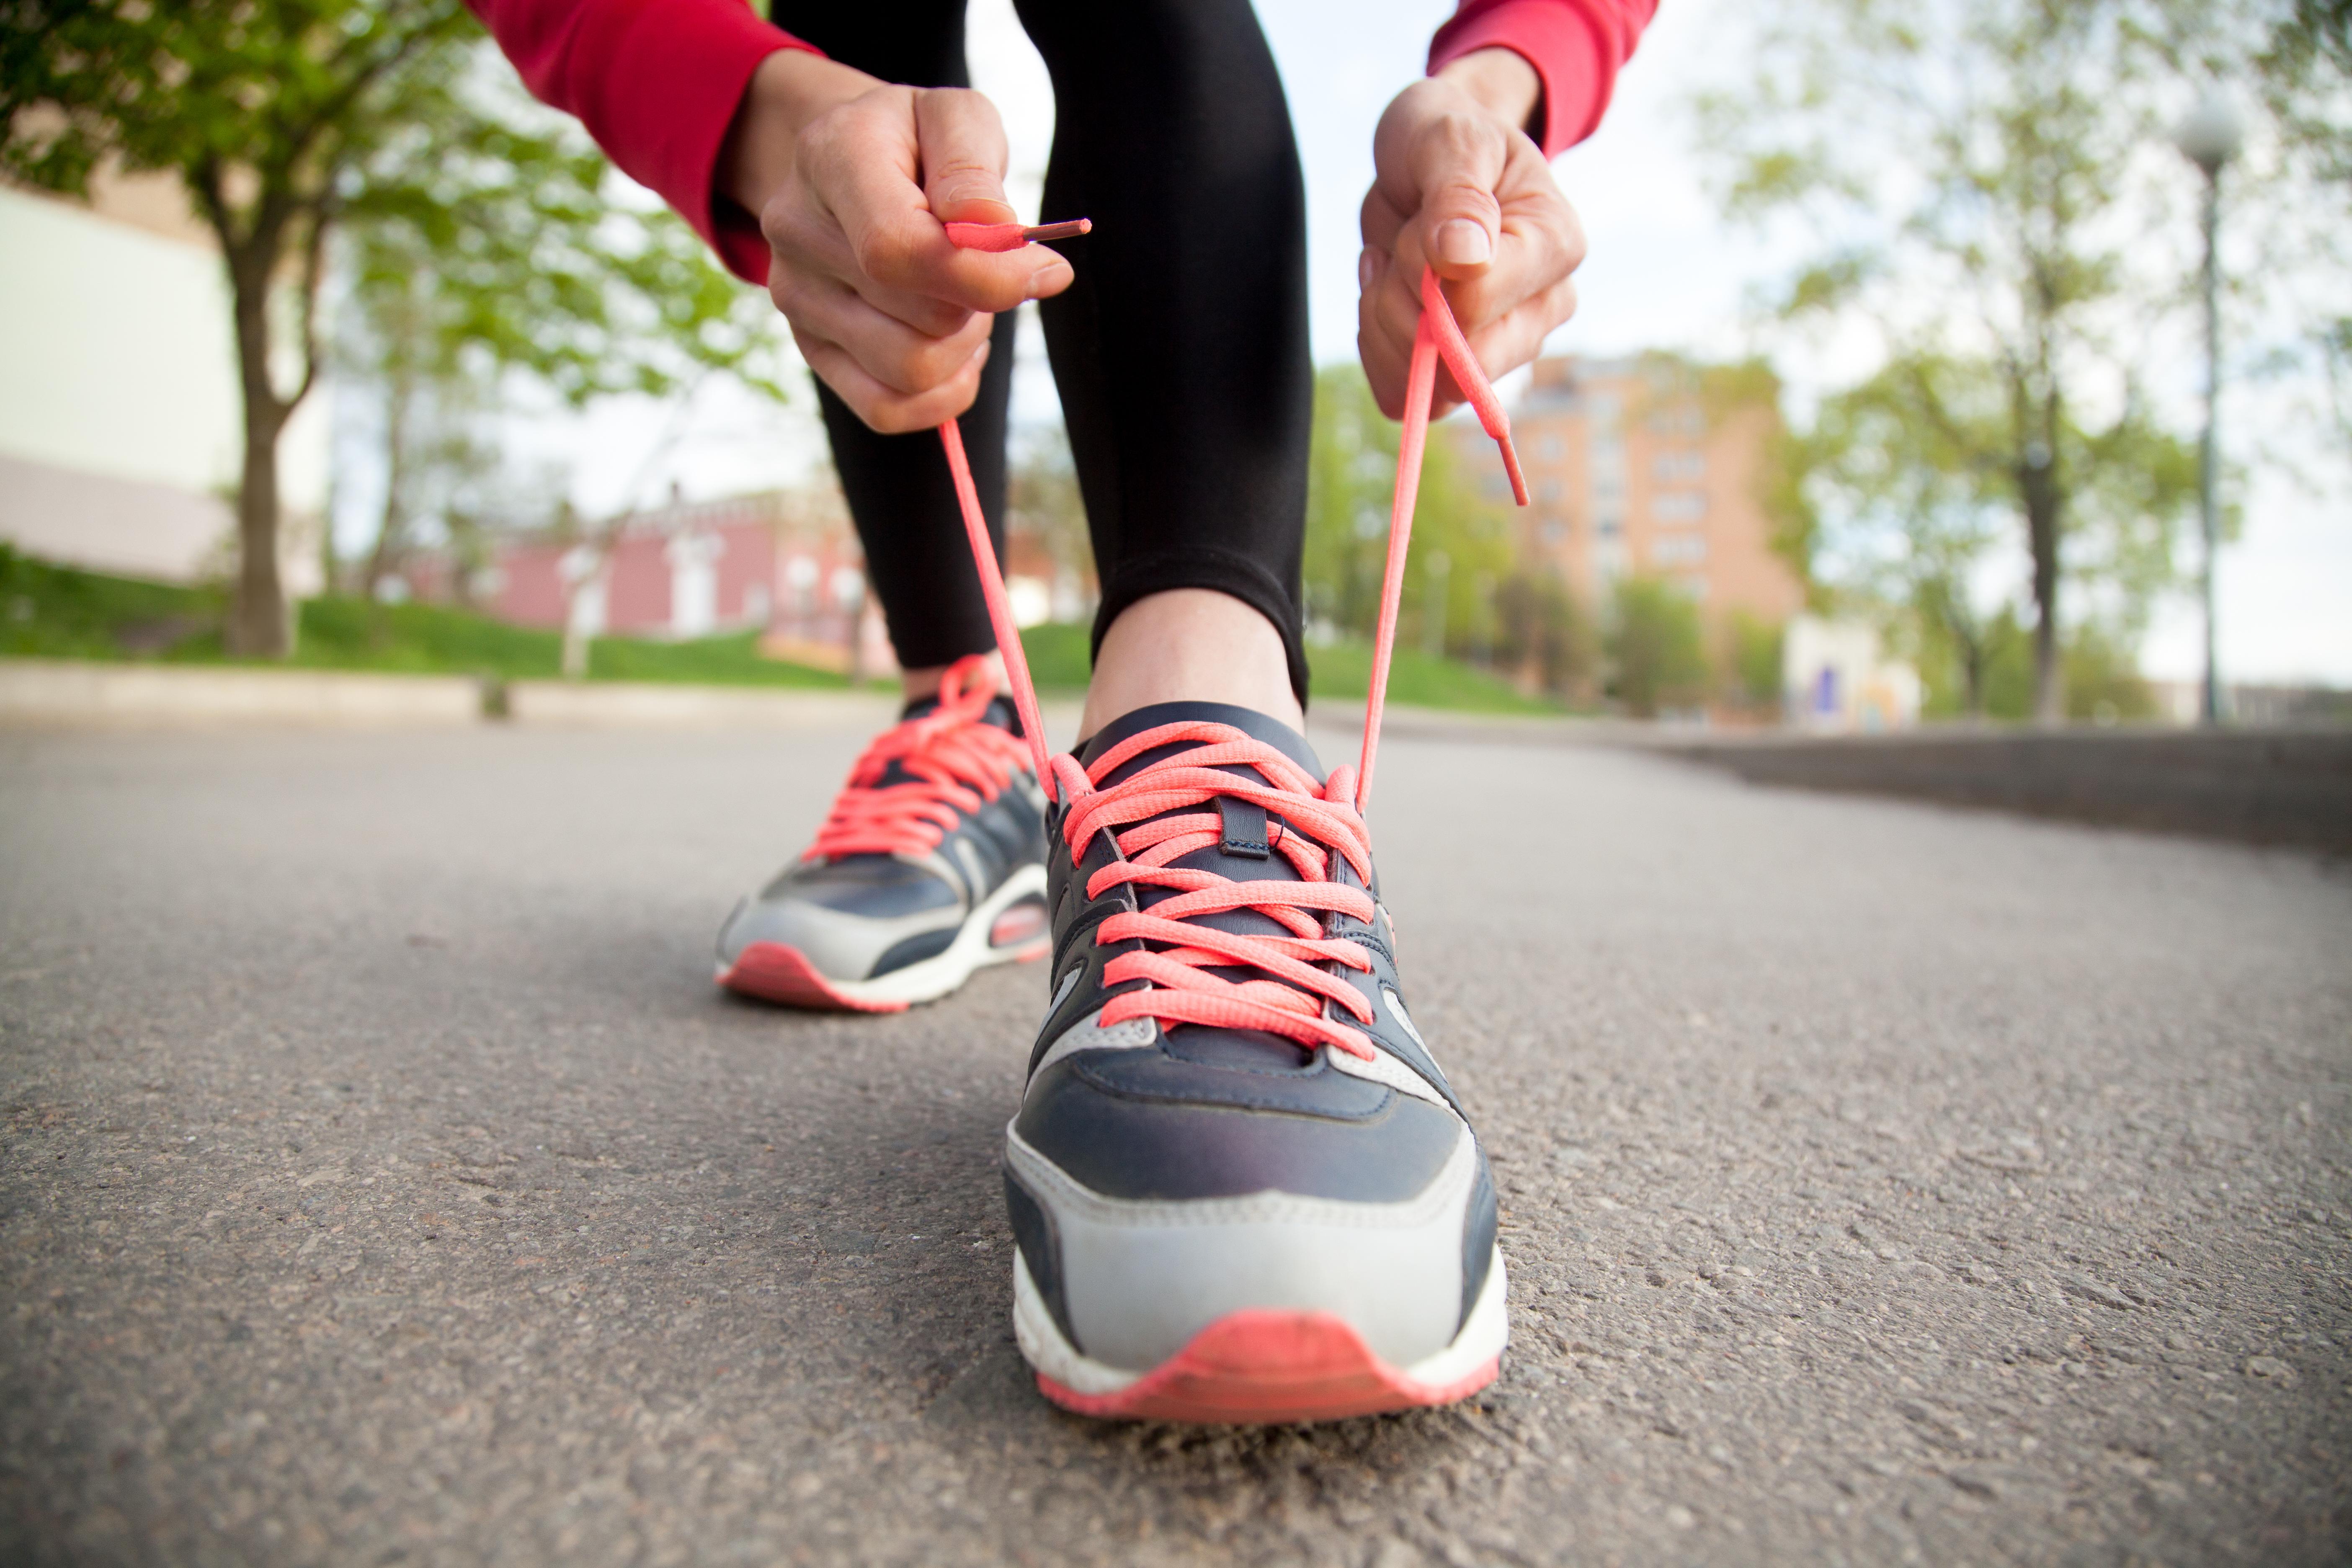 calories burned 4 mile power walk